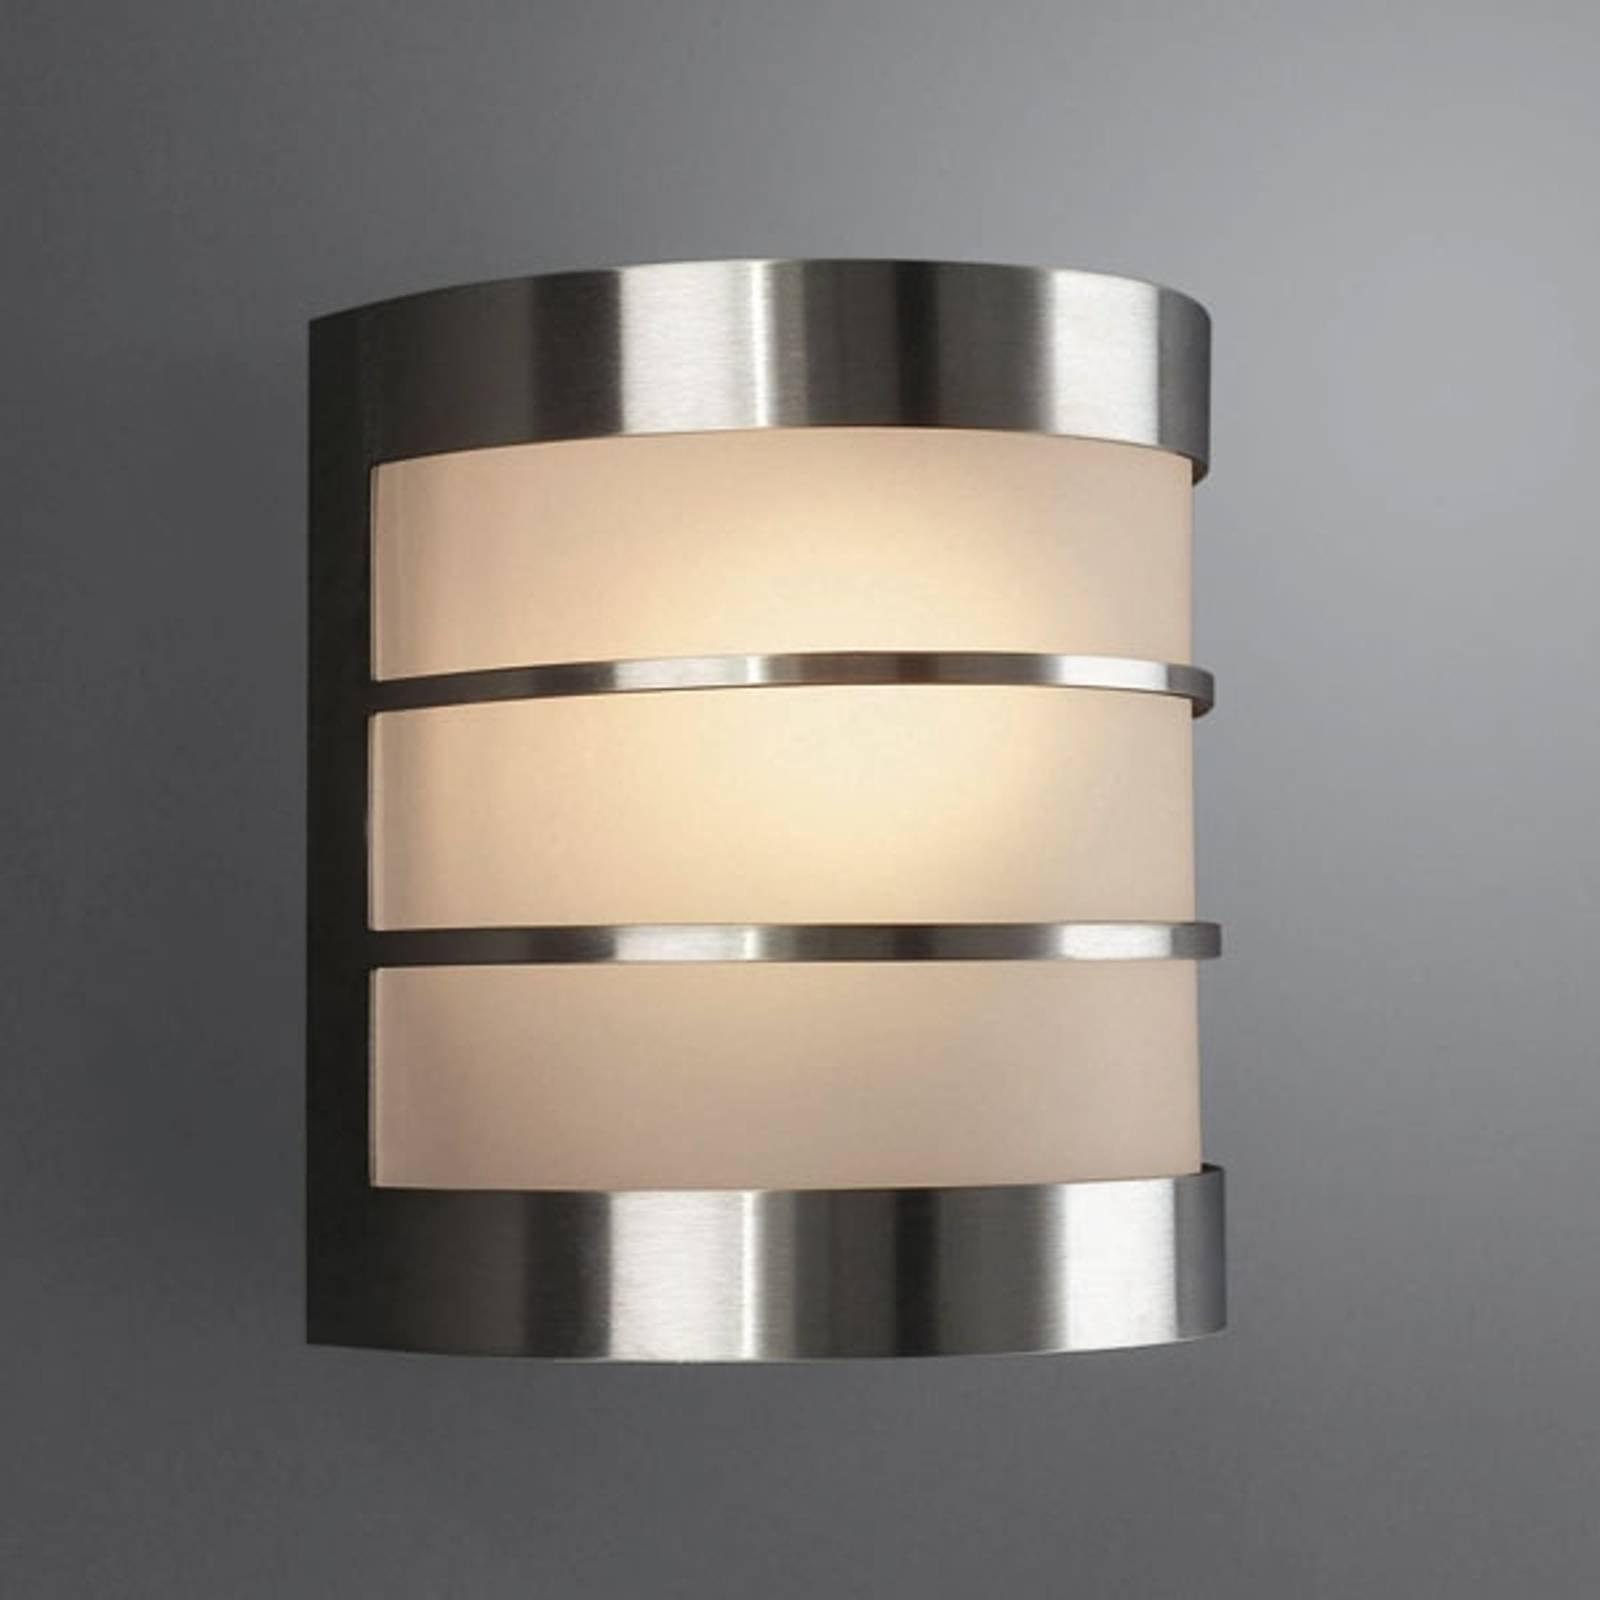 Lettstelt CALGARY utelampe i rustfritt stål